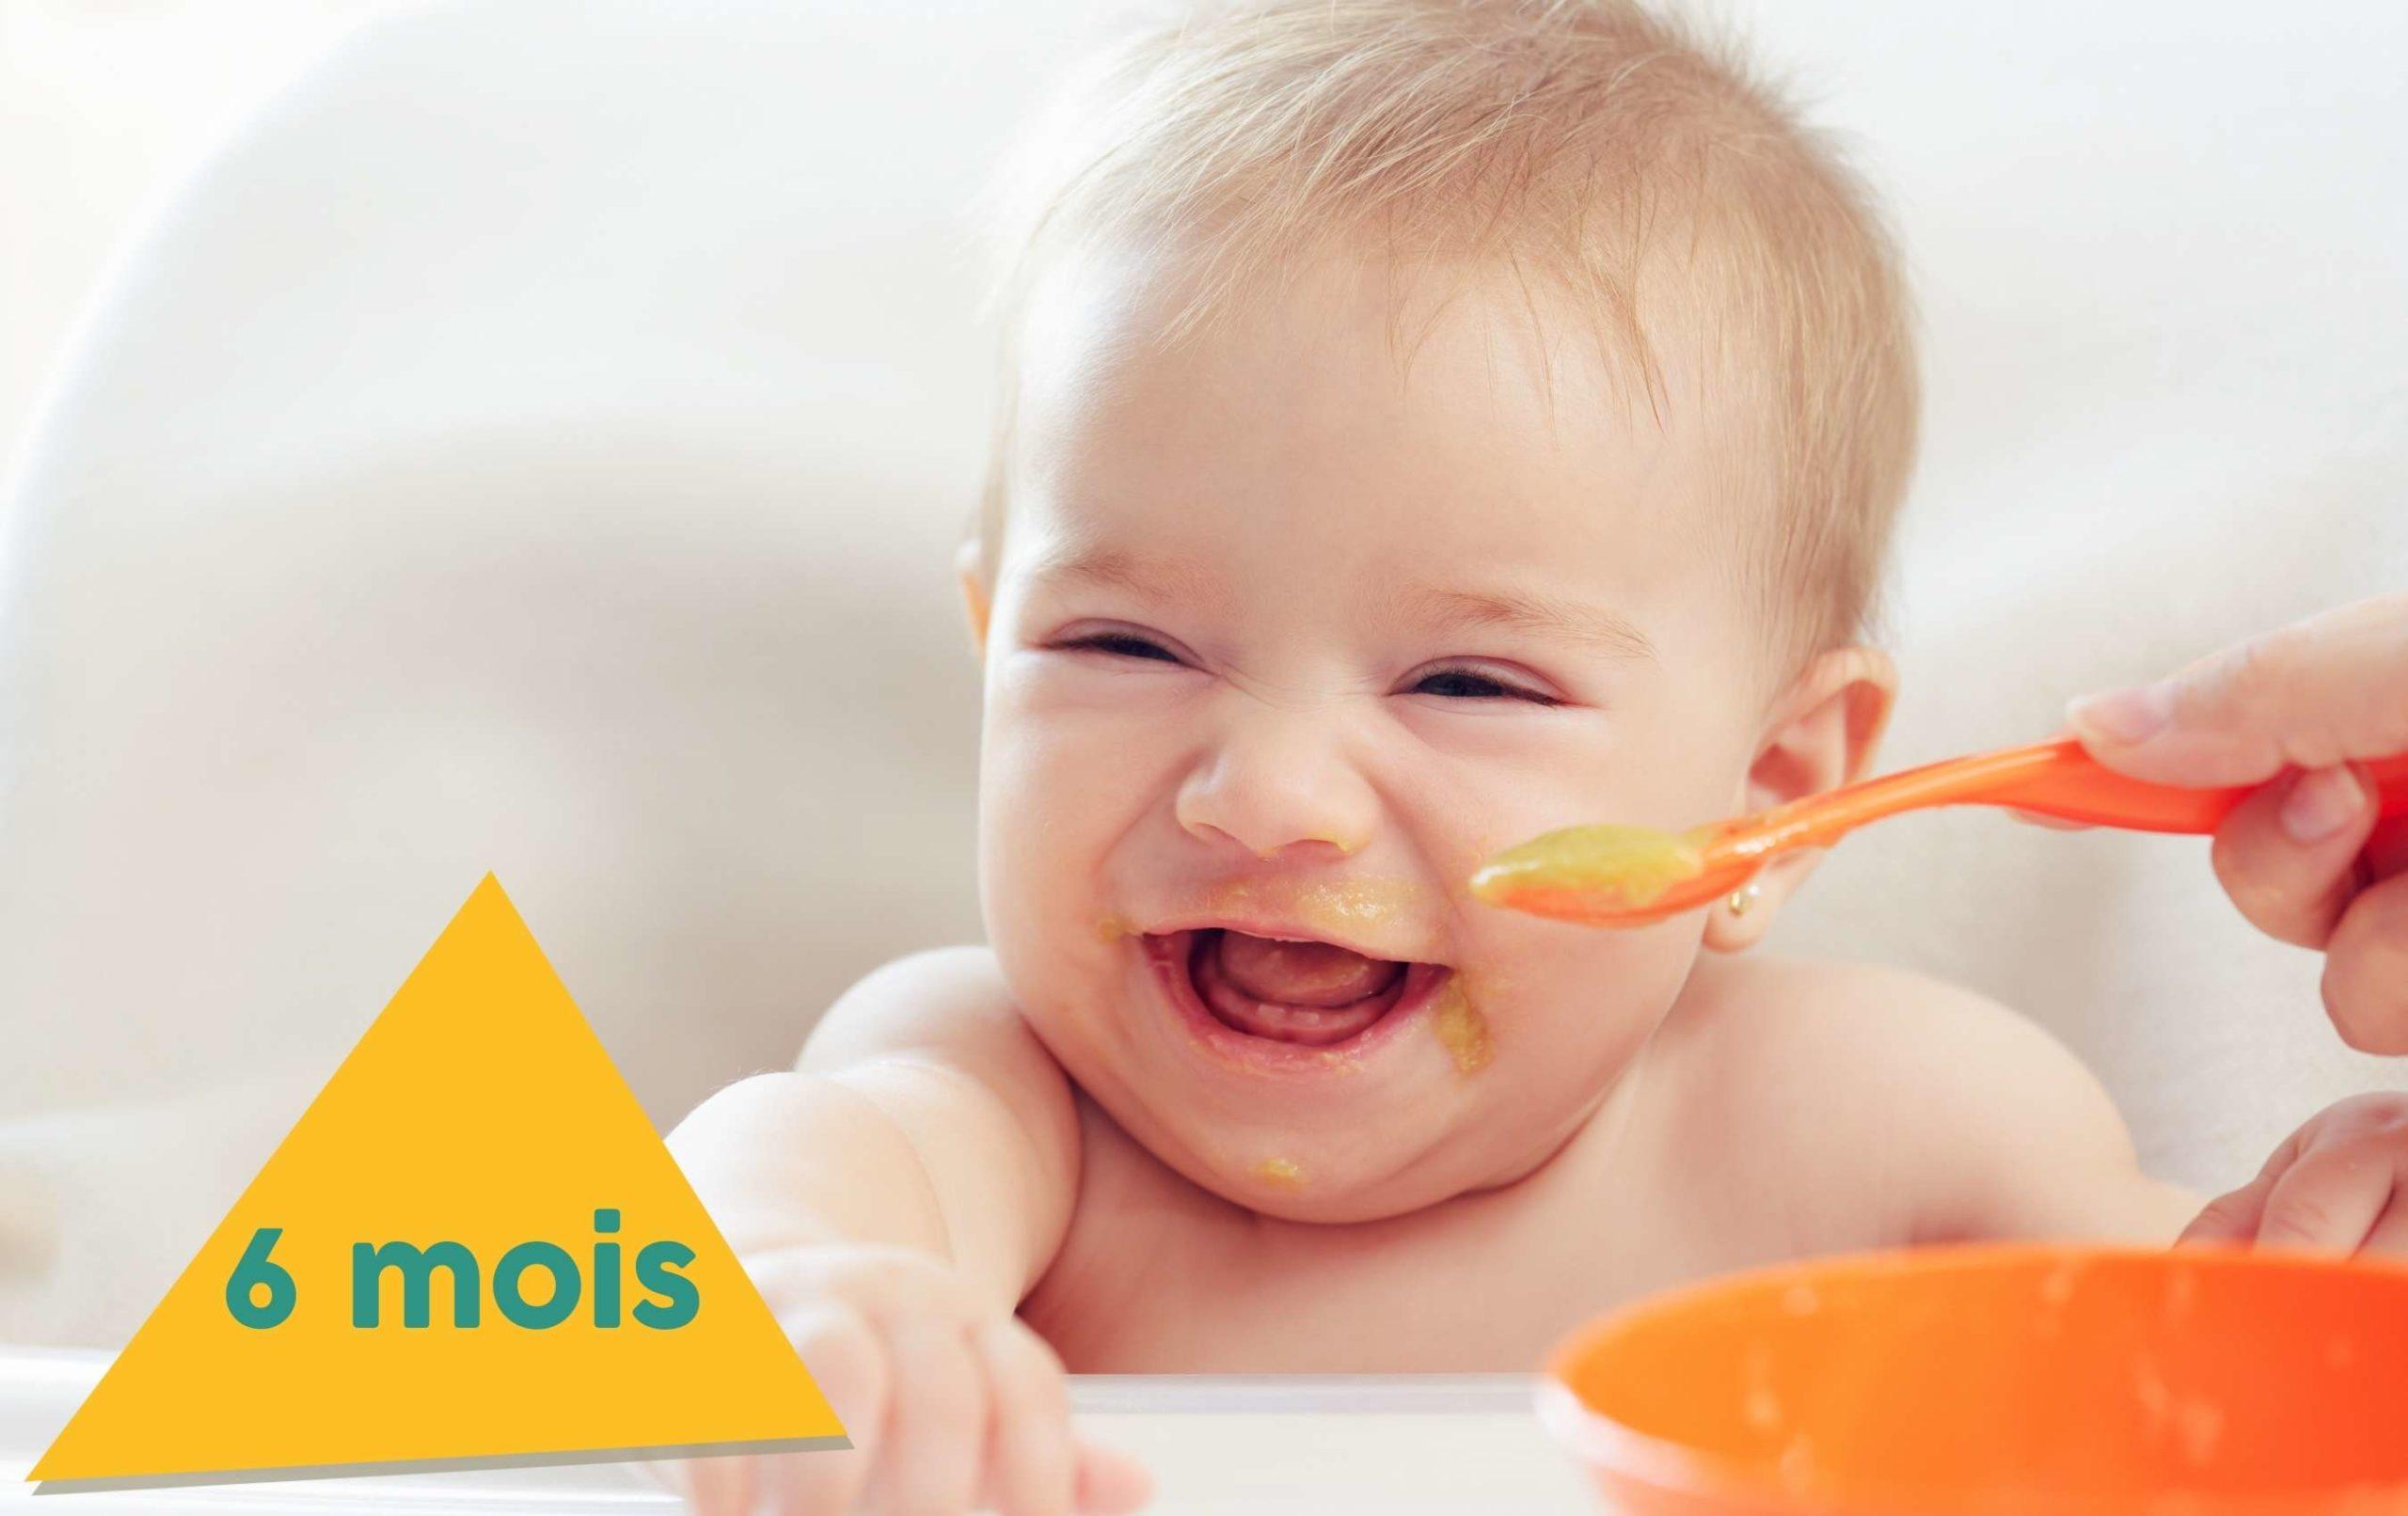 Bébé 6 mois qui mange